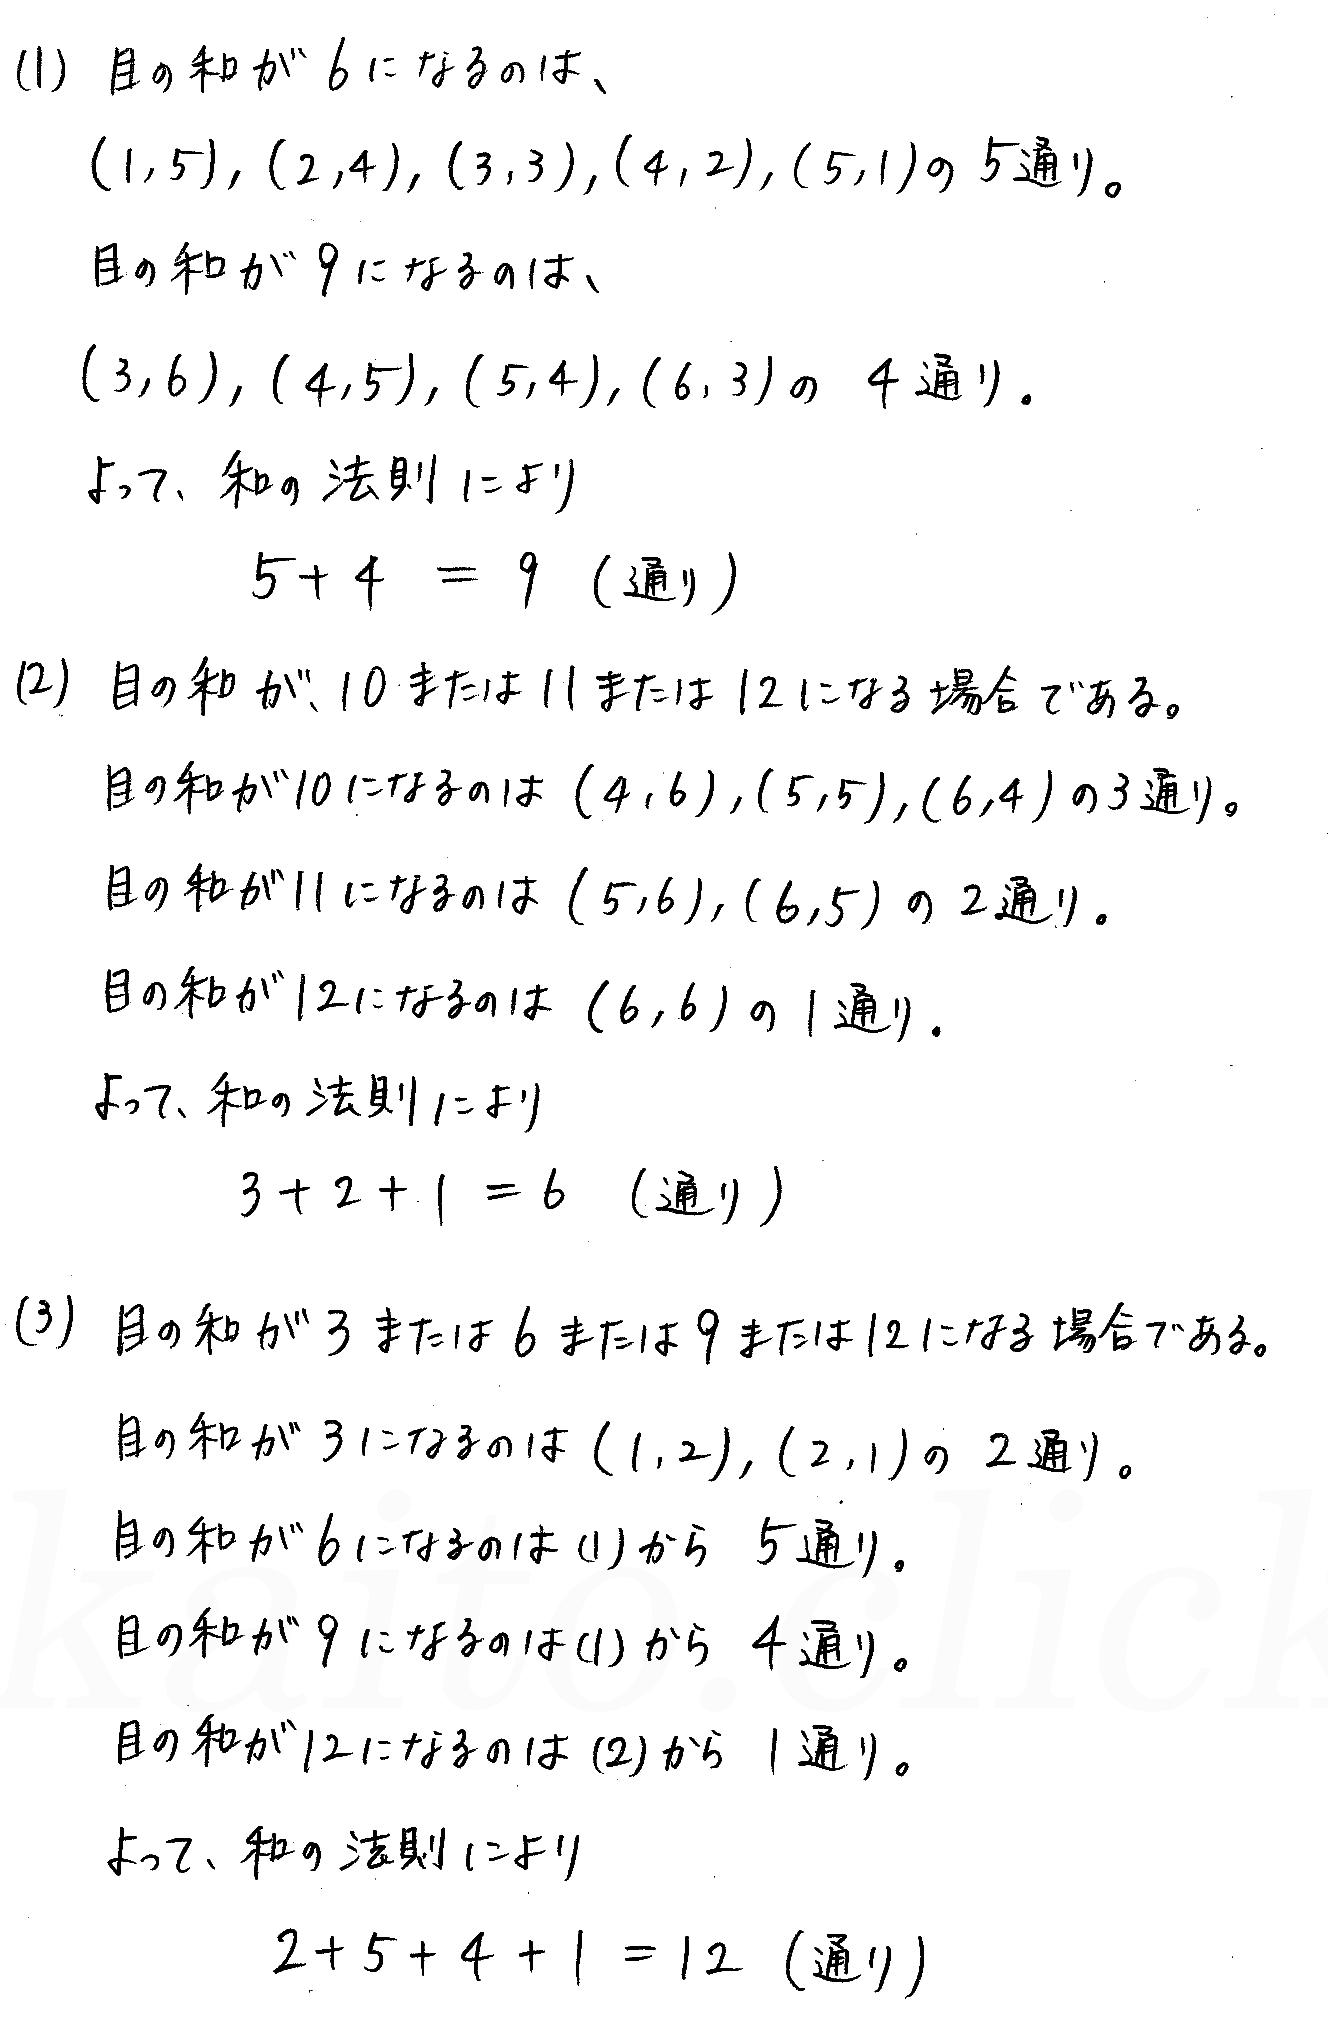 クリアー数学A-26解答